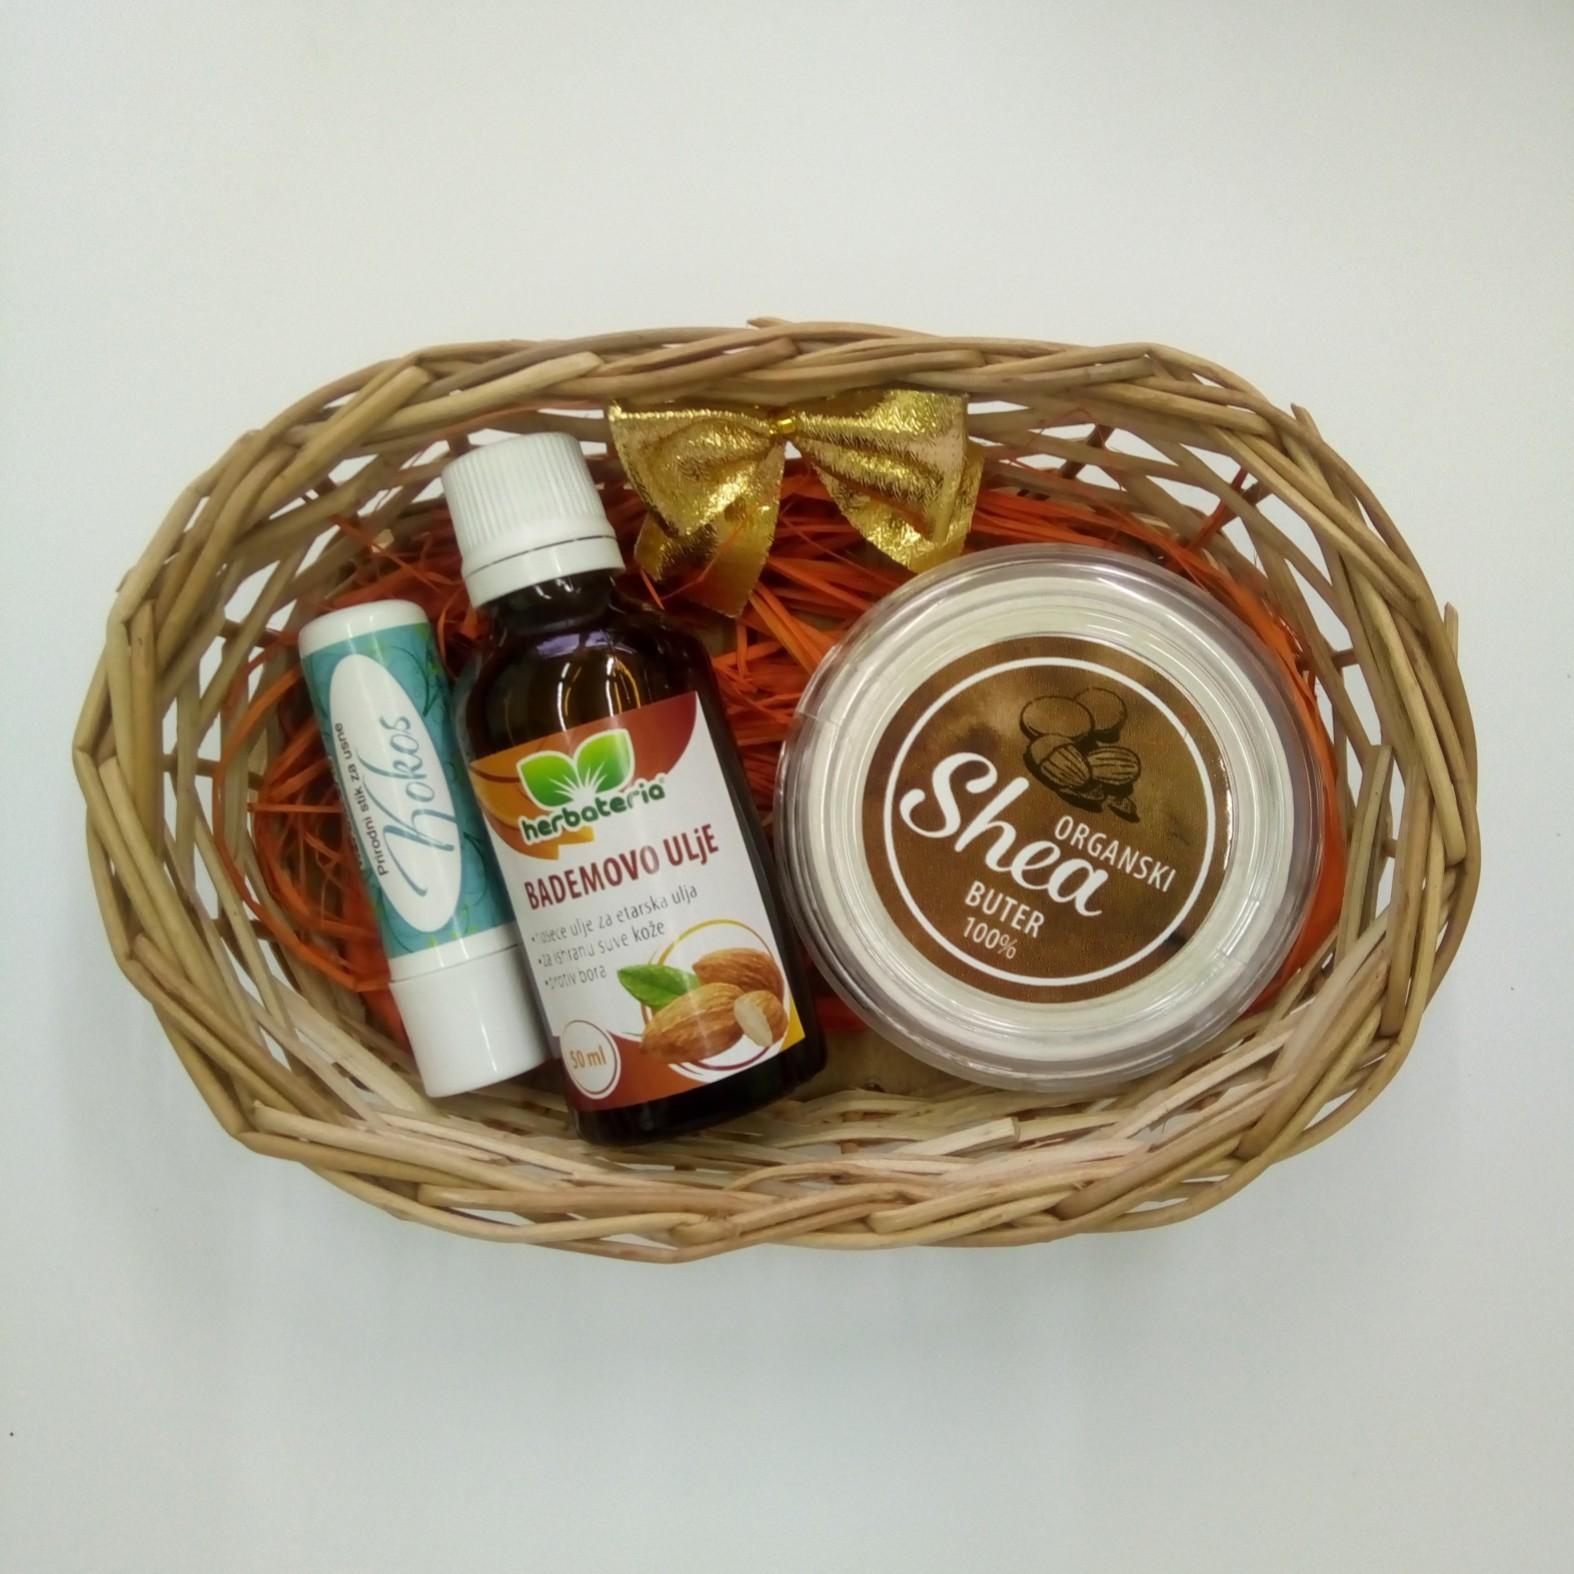 Poklon set (stik za usne, bademovo ulje 50 ml, shea buter 50 ml) 00470